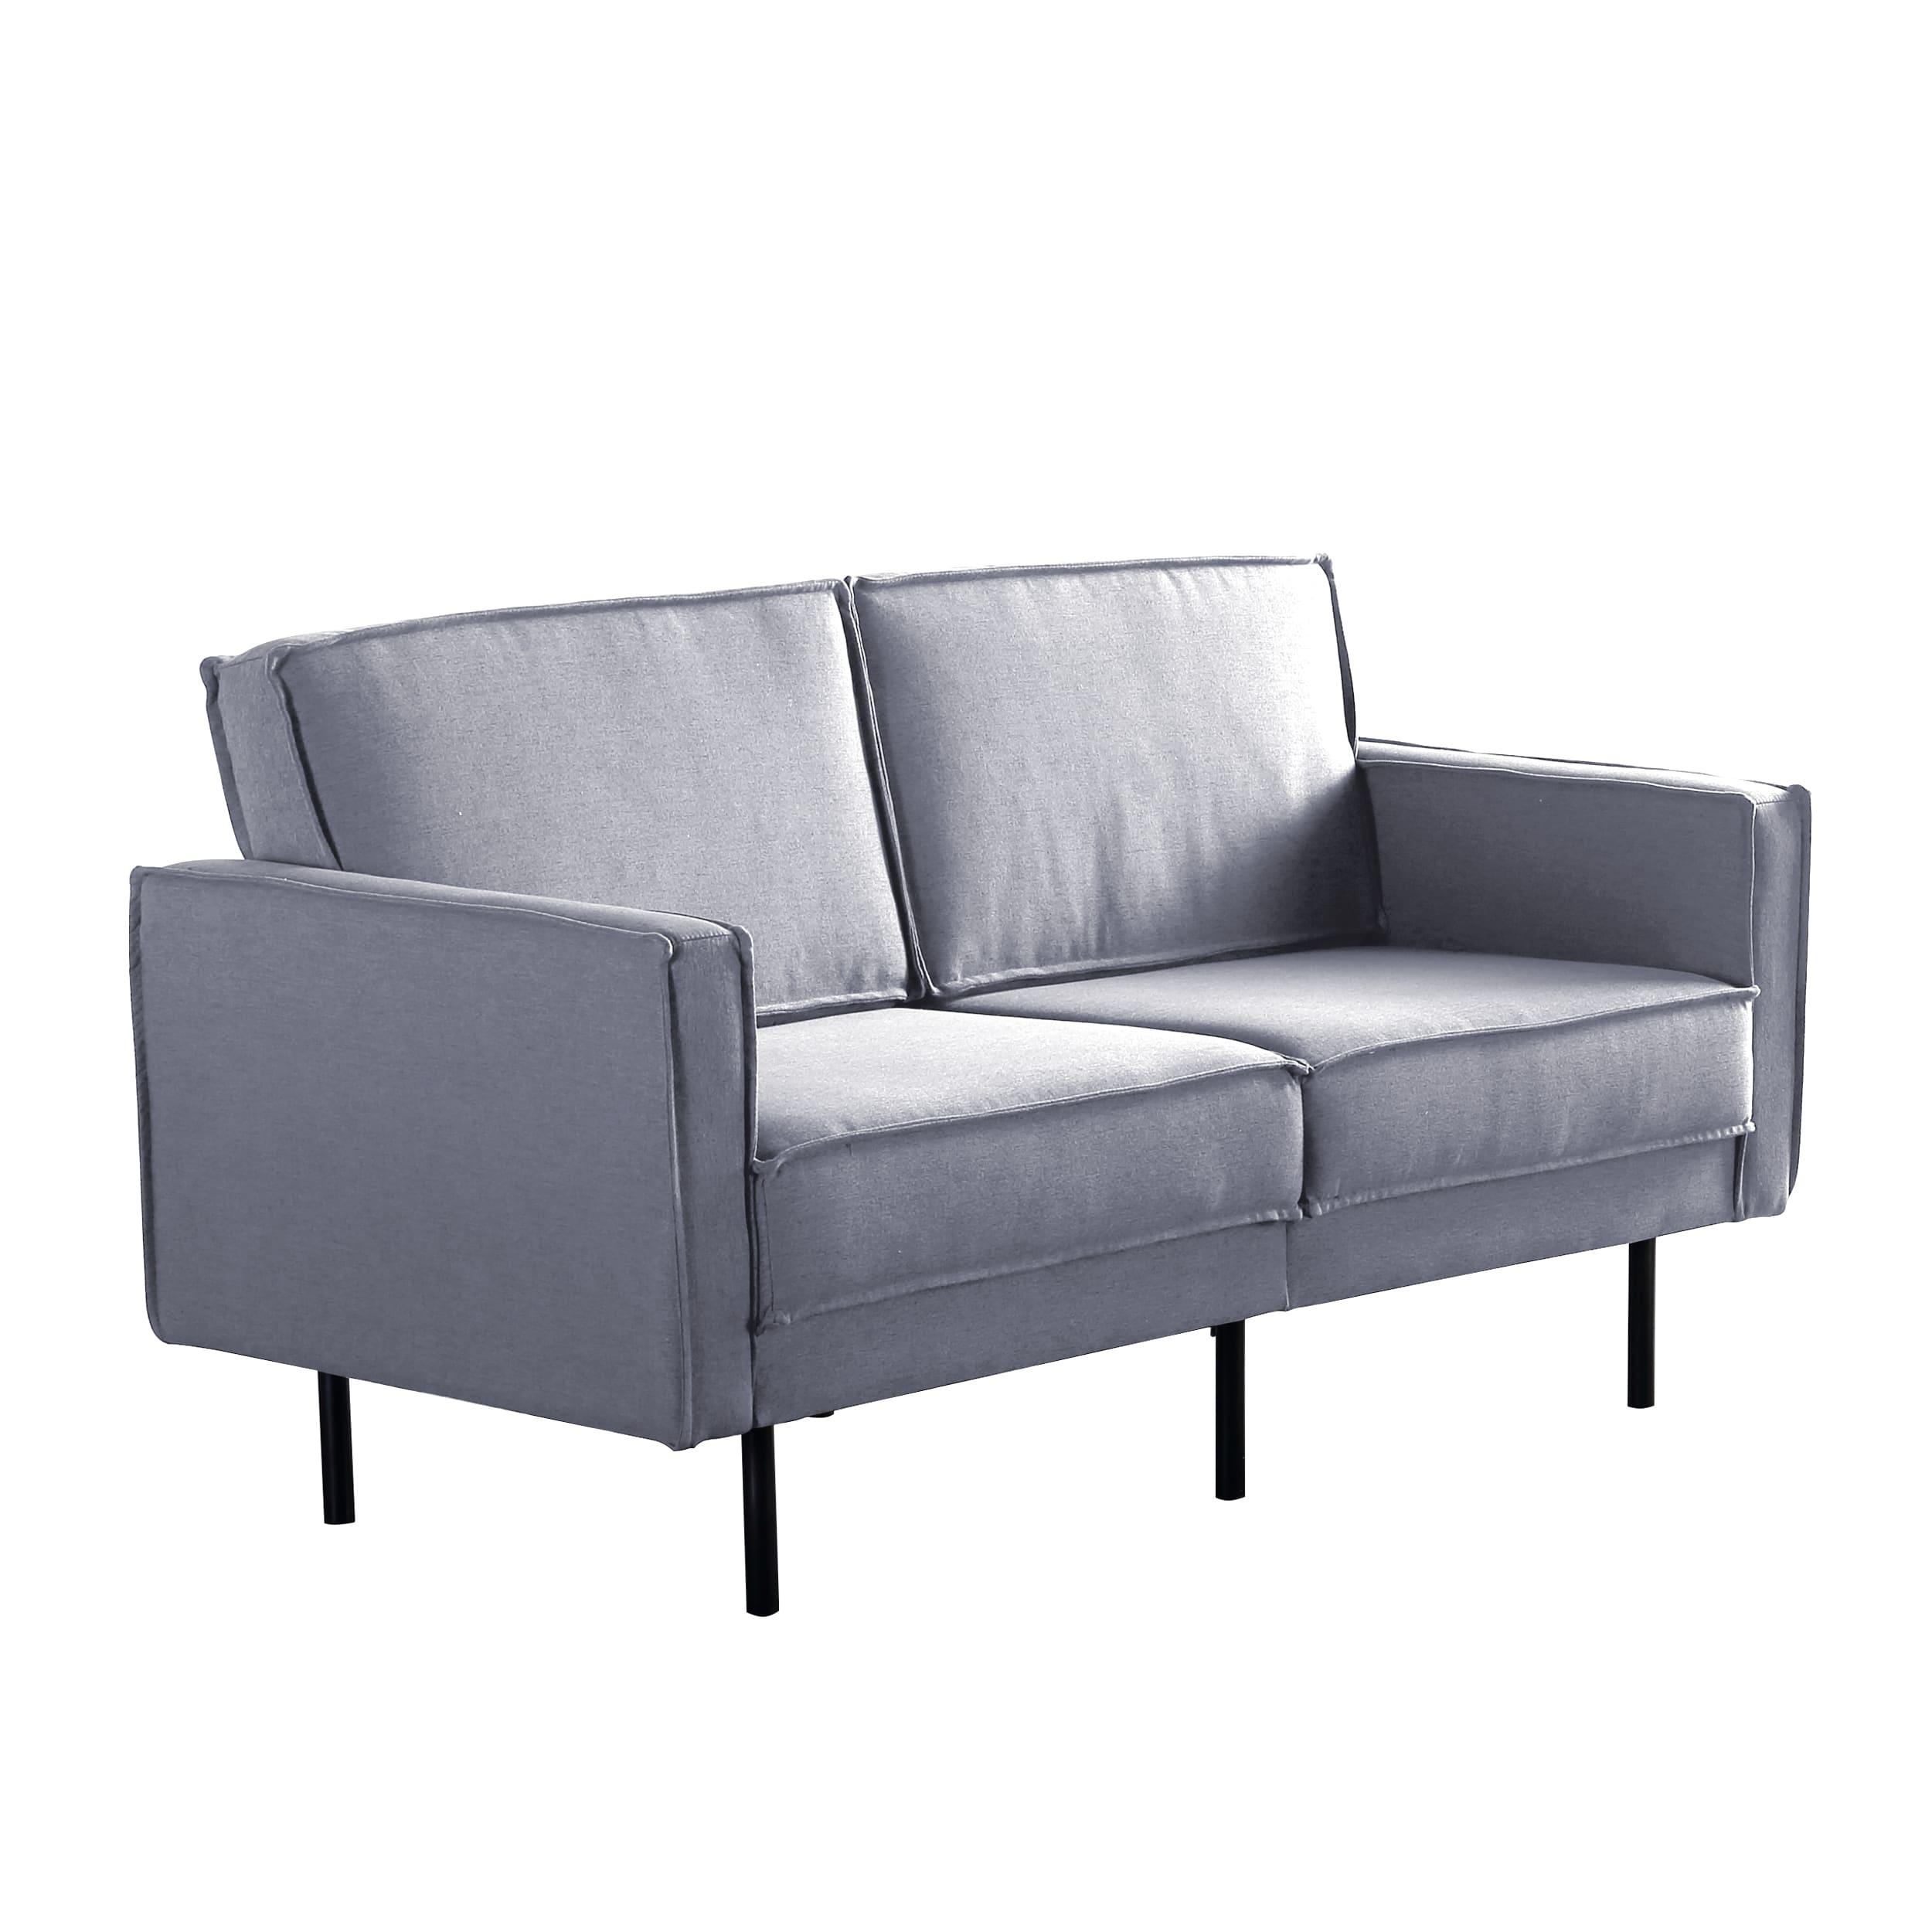 简约时尚实木框架双位双扶手沙发